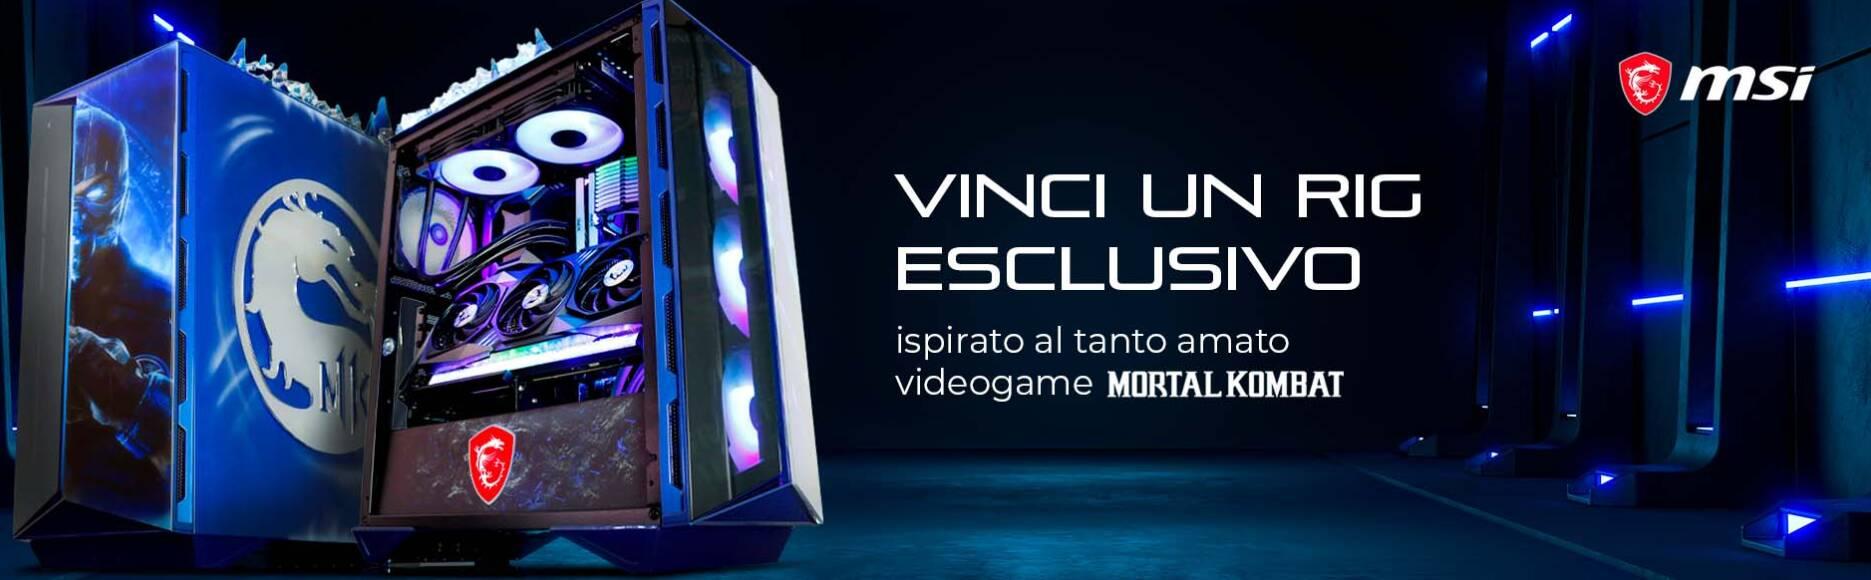 MSI Reboot 2021 Mortal Kombat